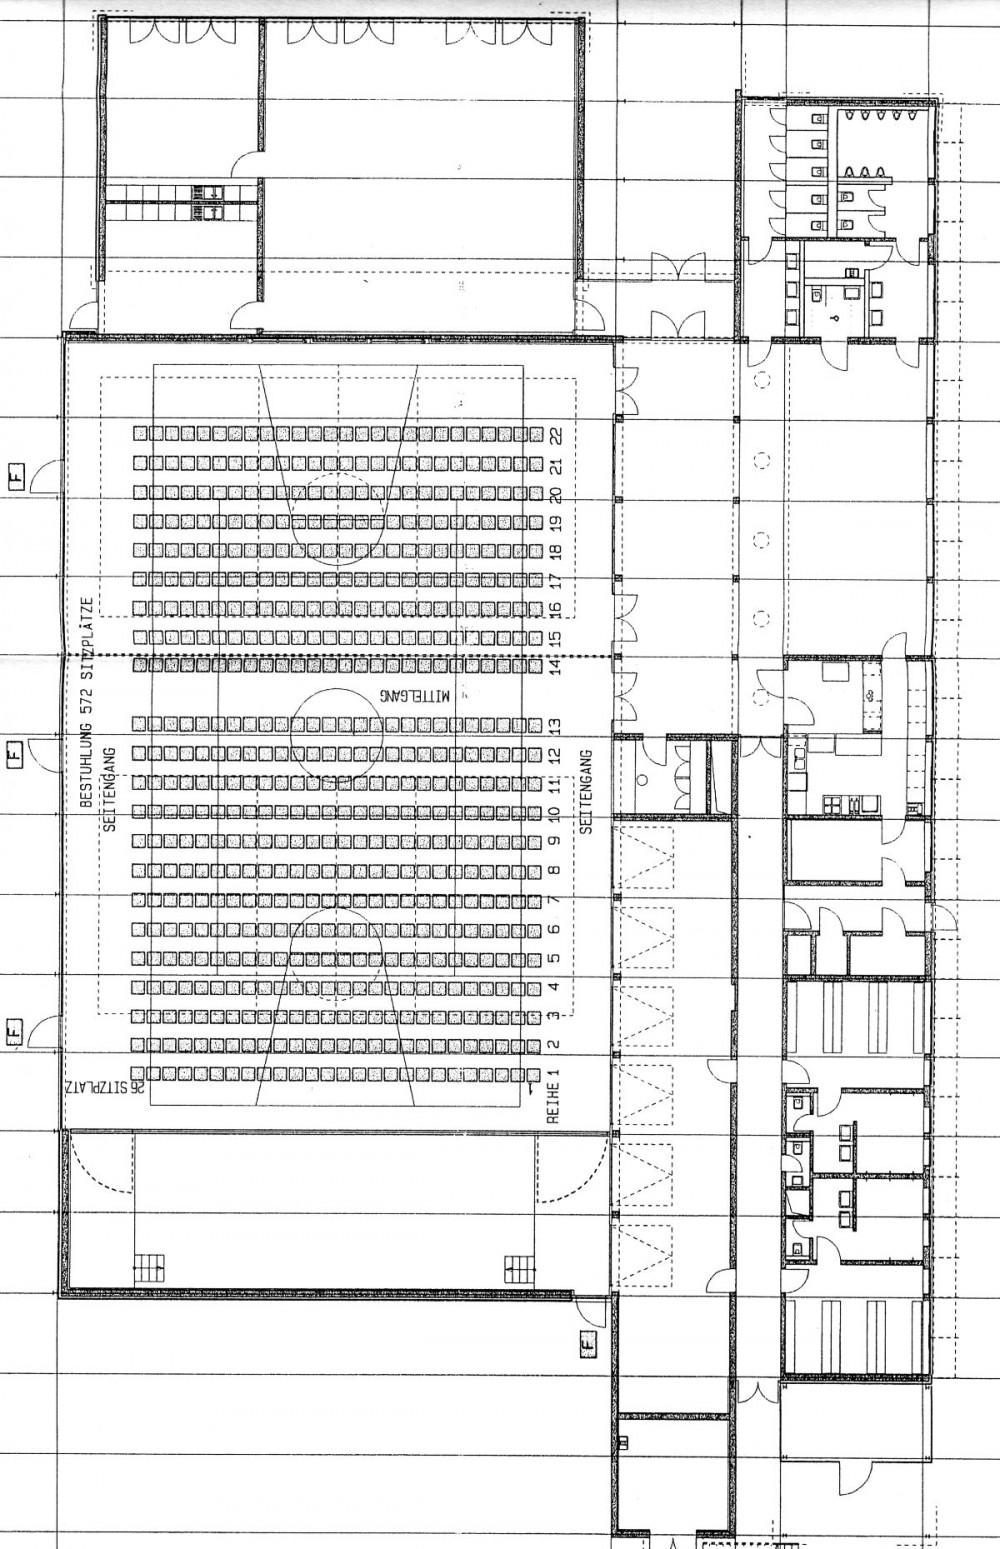 Plan der Römerhalle